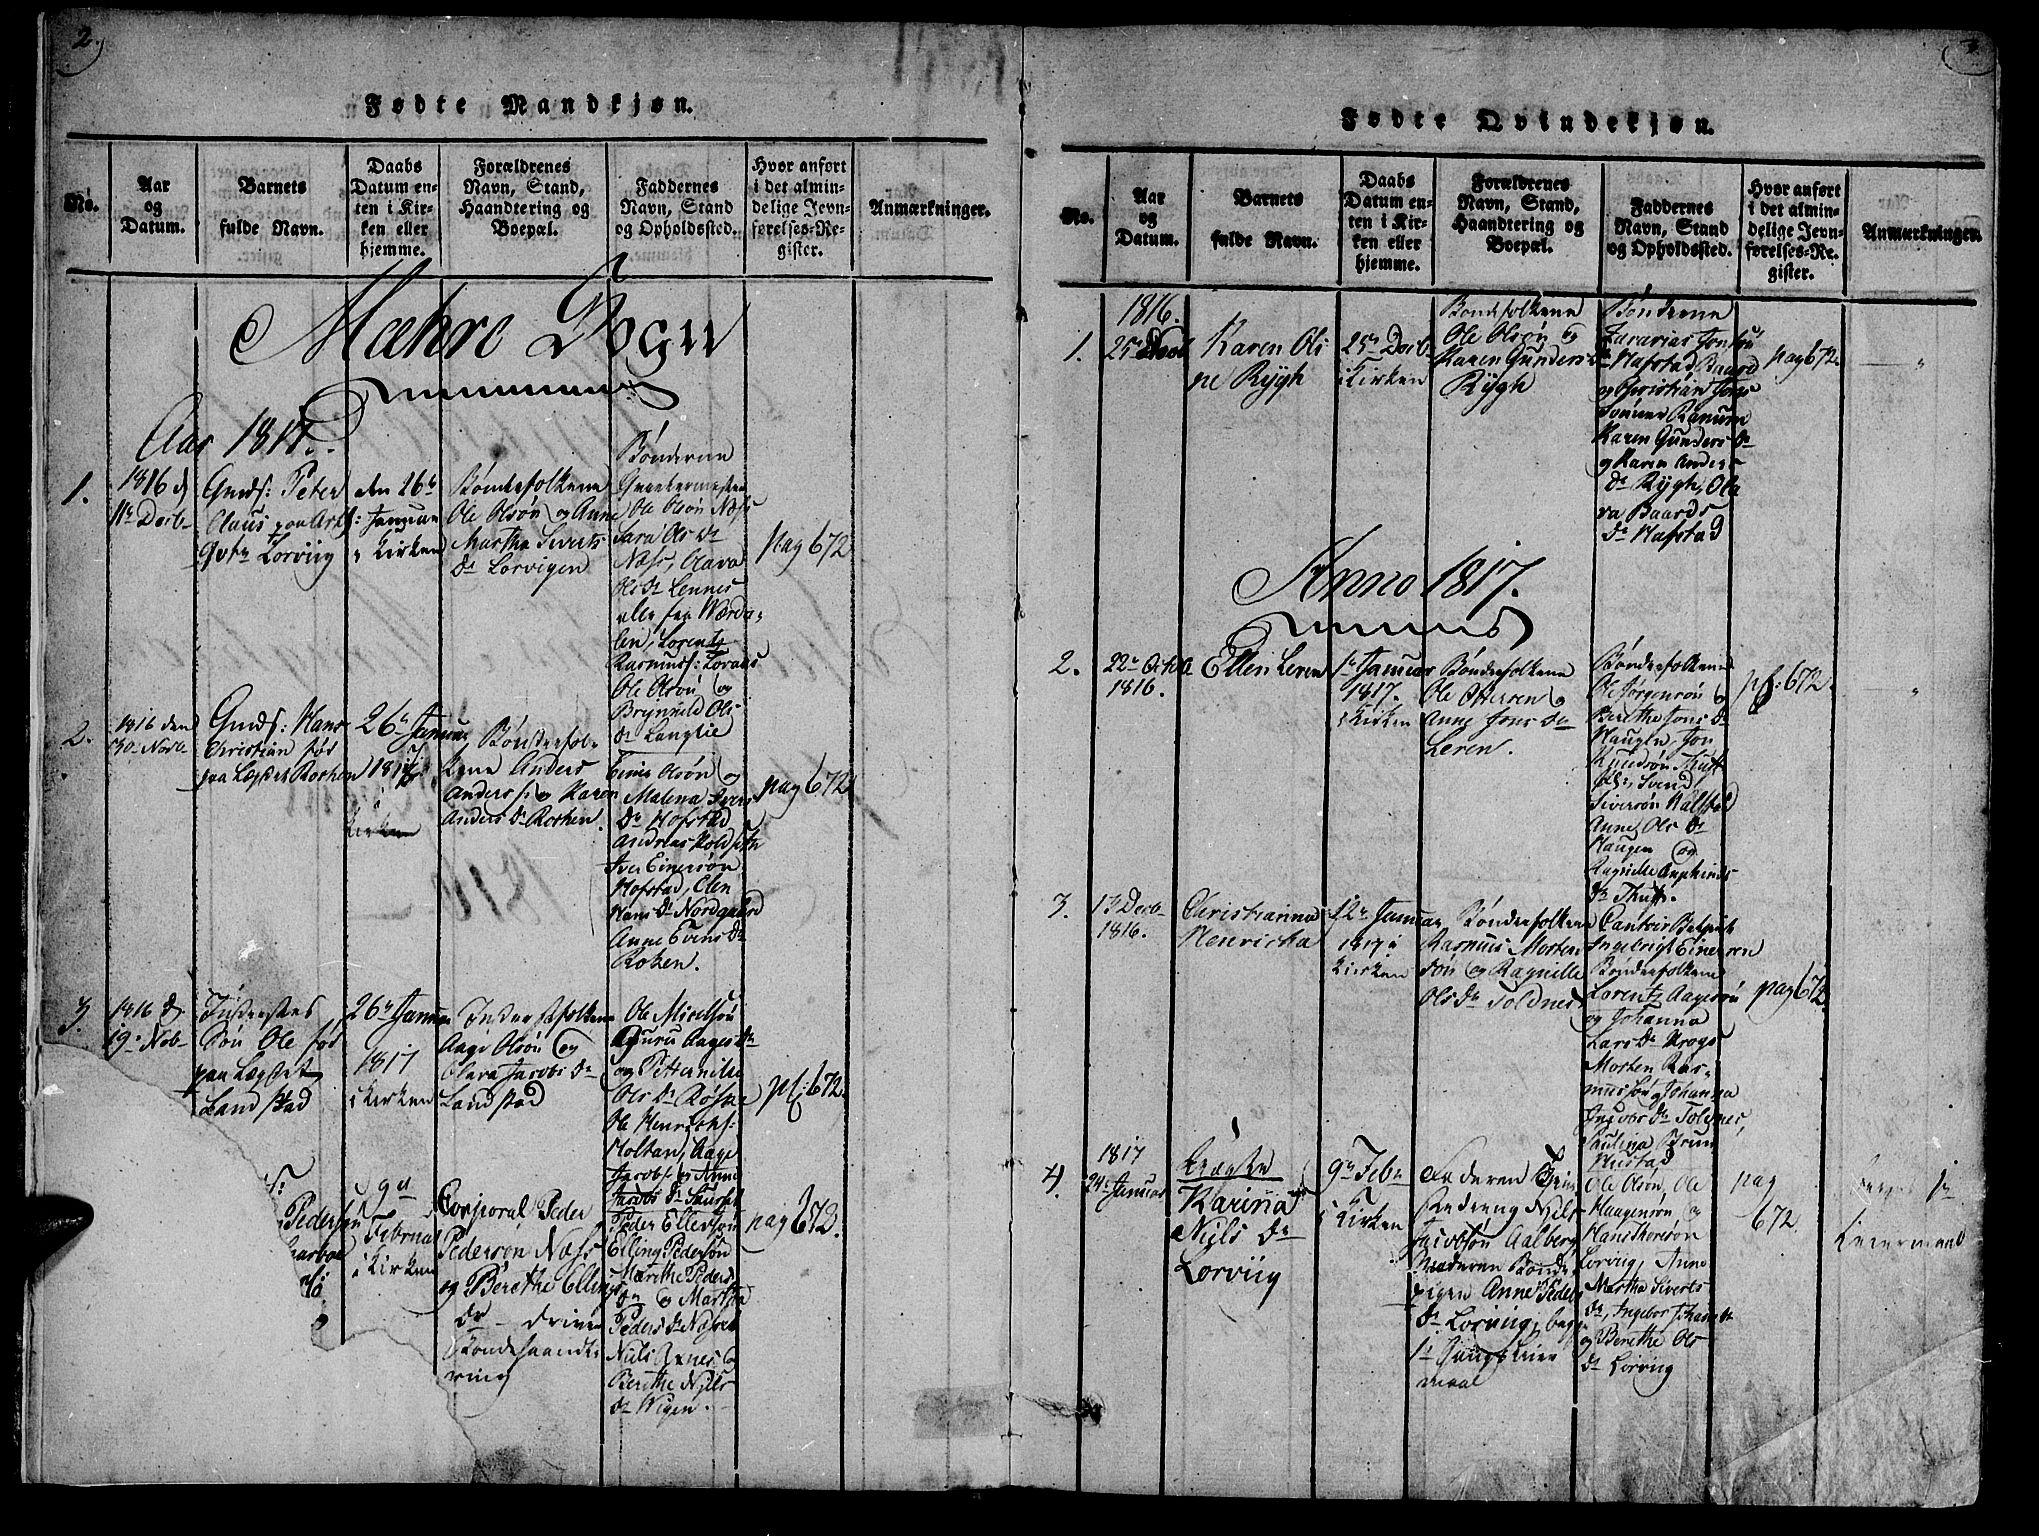 SAT, Ministerialprotokoller, klokkerbøker og fødselsregistre - Nord-Trøndelag, 735/L0333: Ministerialbok nr. 735A04 /1, 1816-1824, s. 2-3